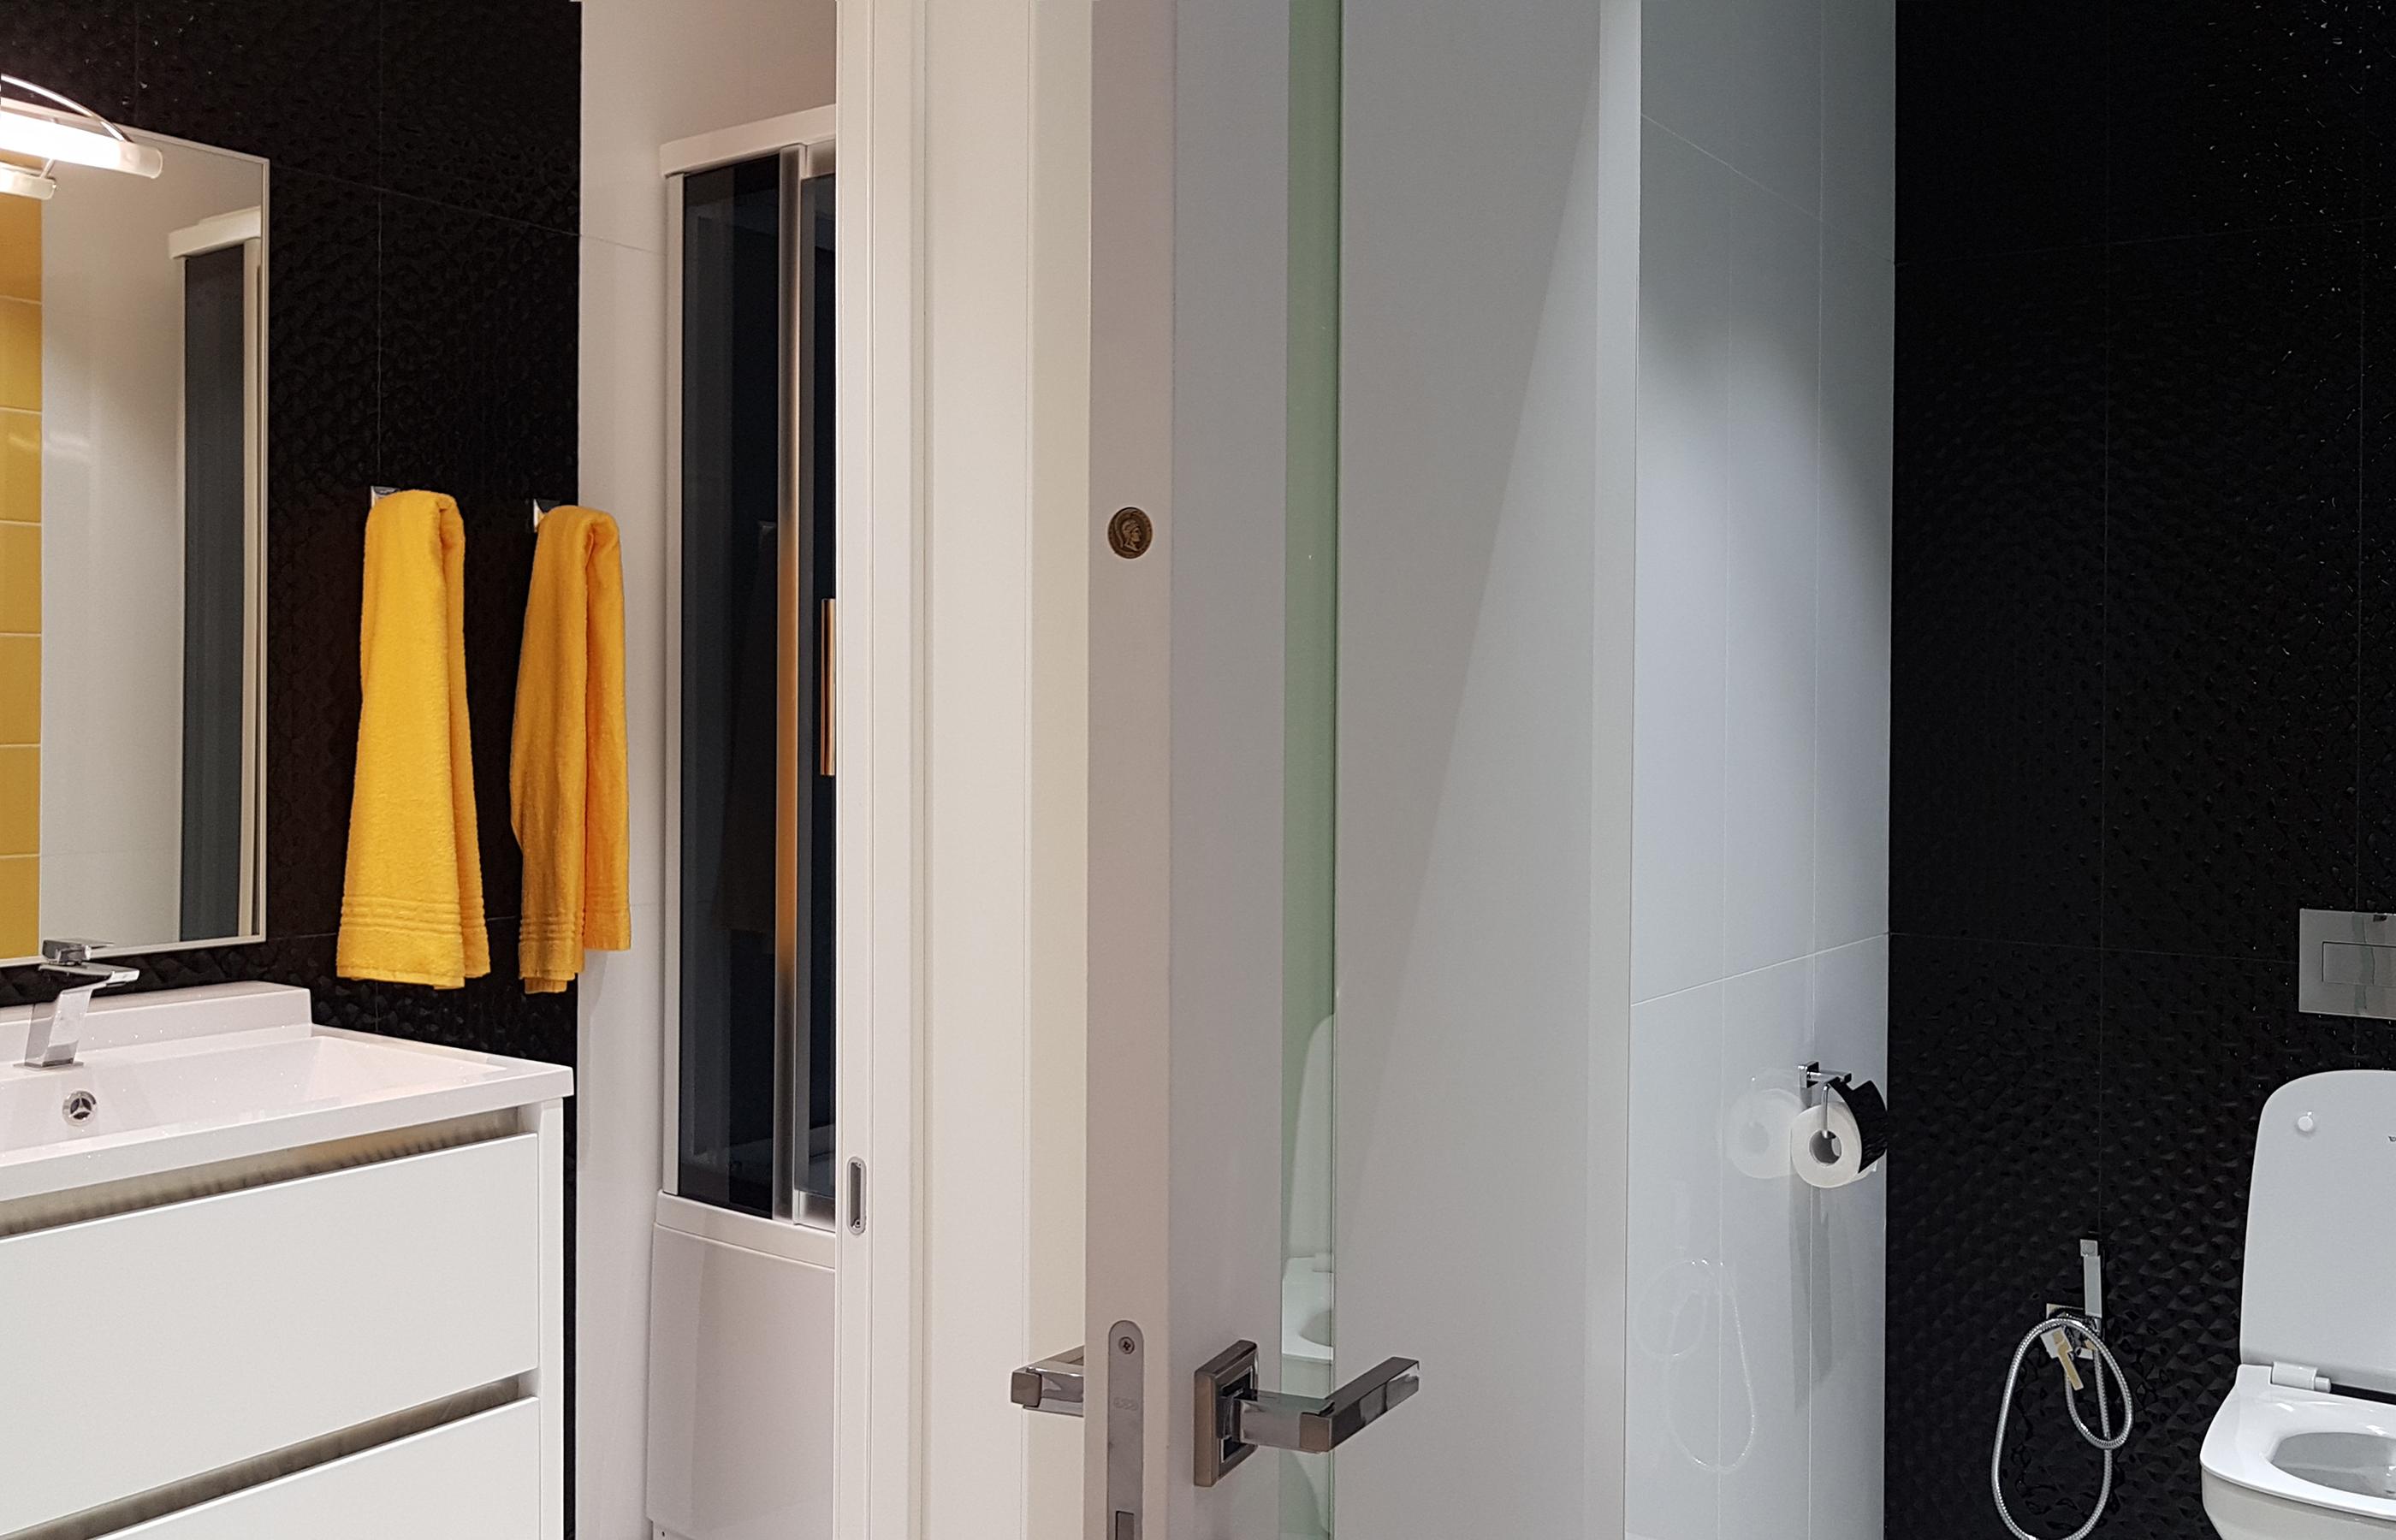 Интерьер ванной комнаты и туалета выполнен в едином дизайне